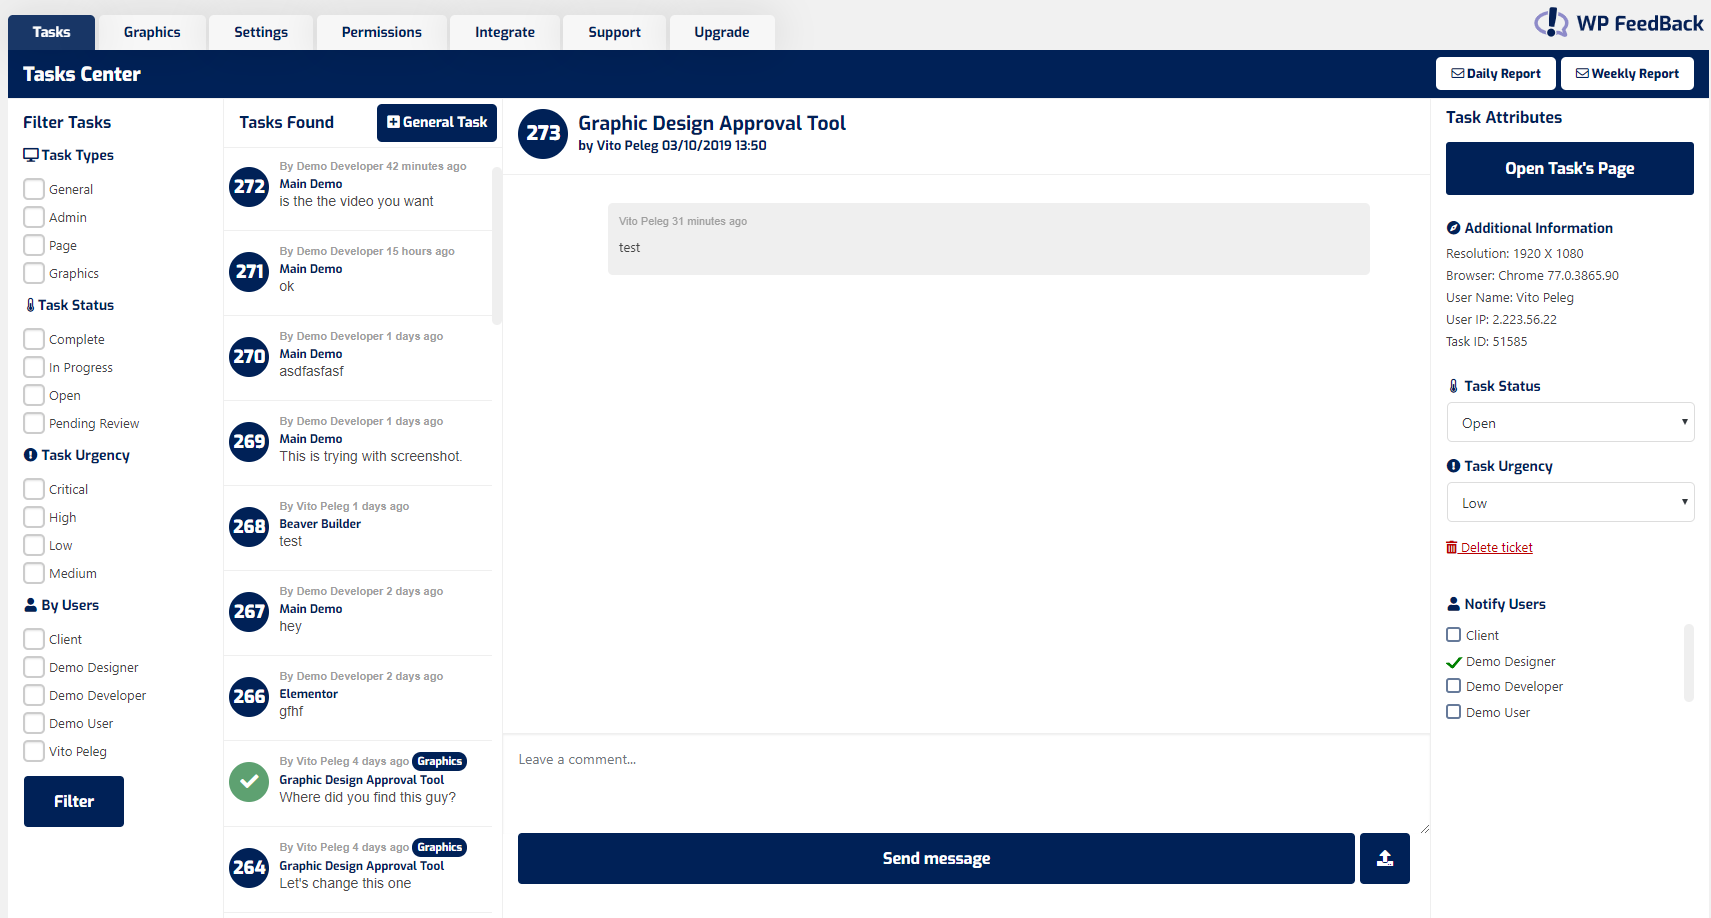 screenshot demo.wpfeedback.co 2019.10.03 15 23 02